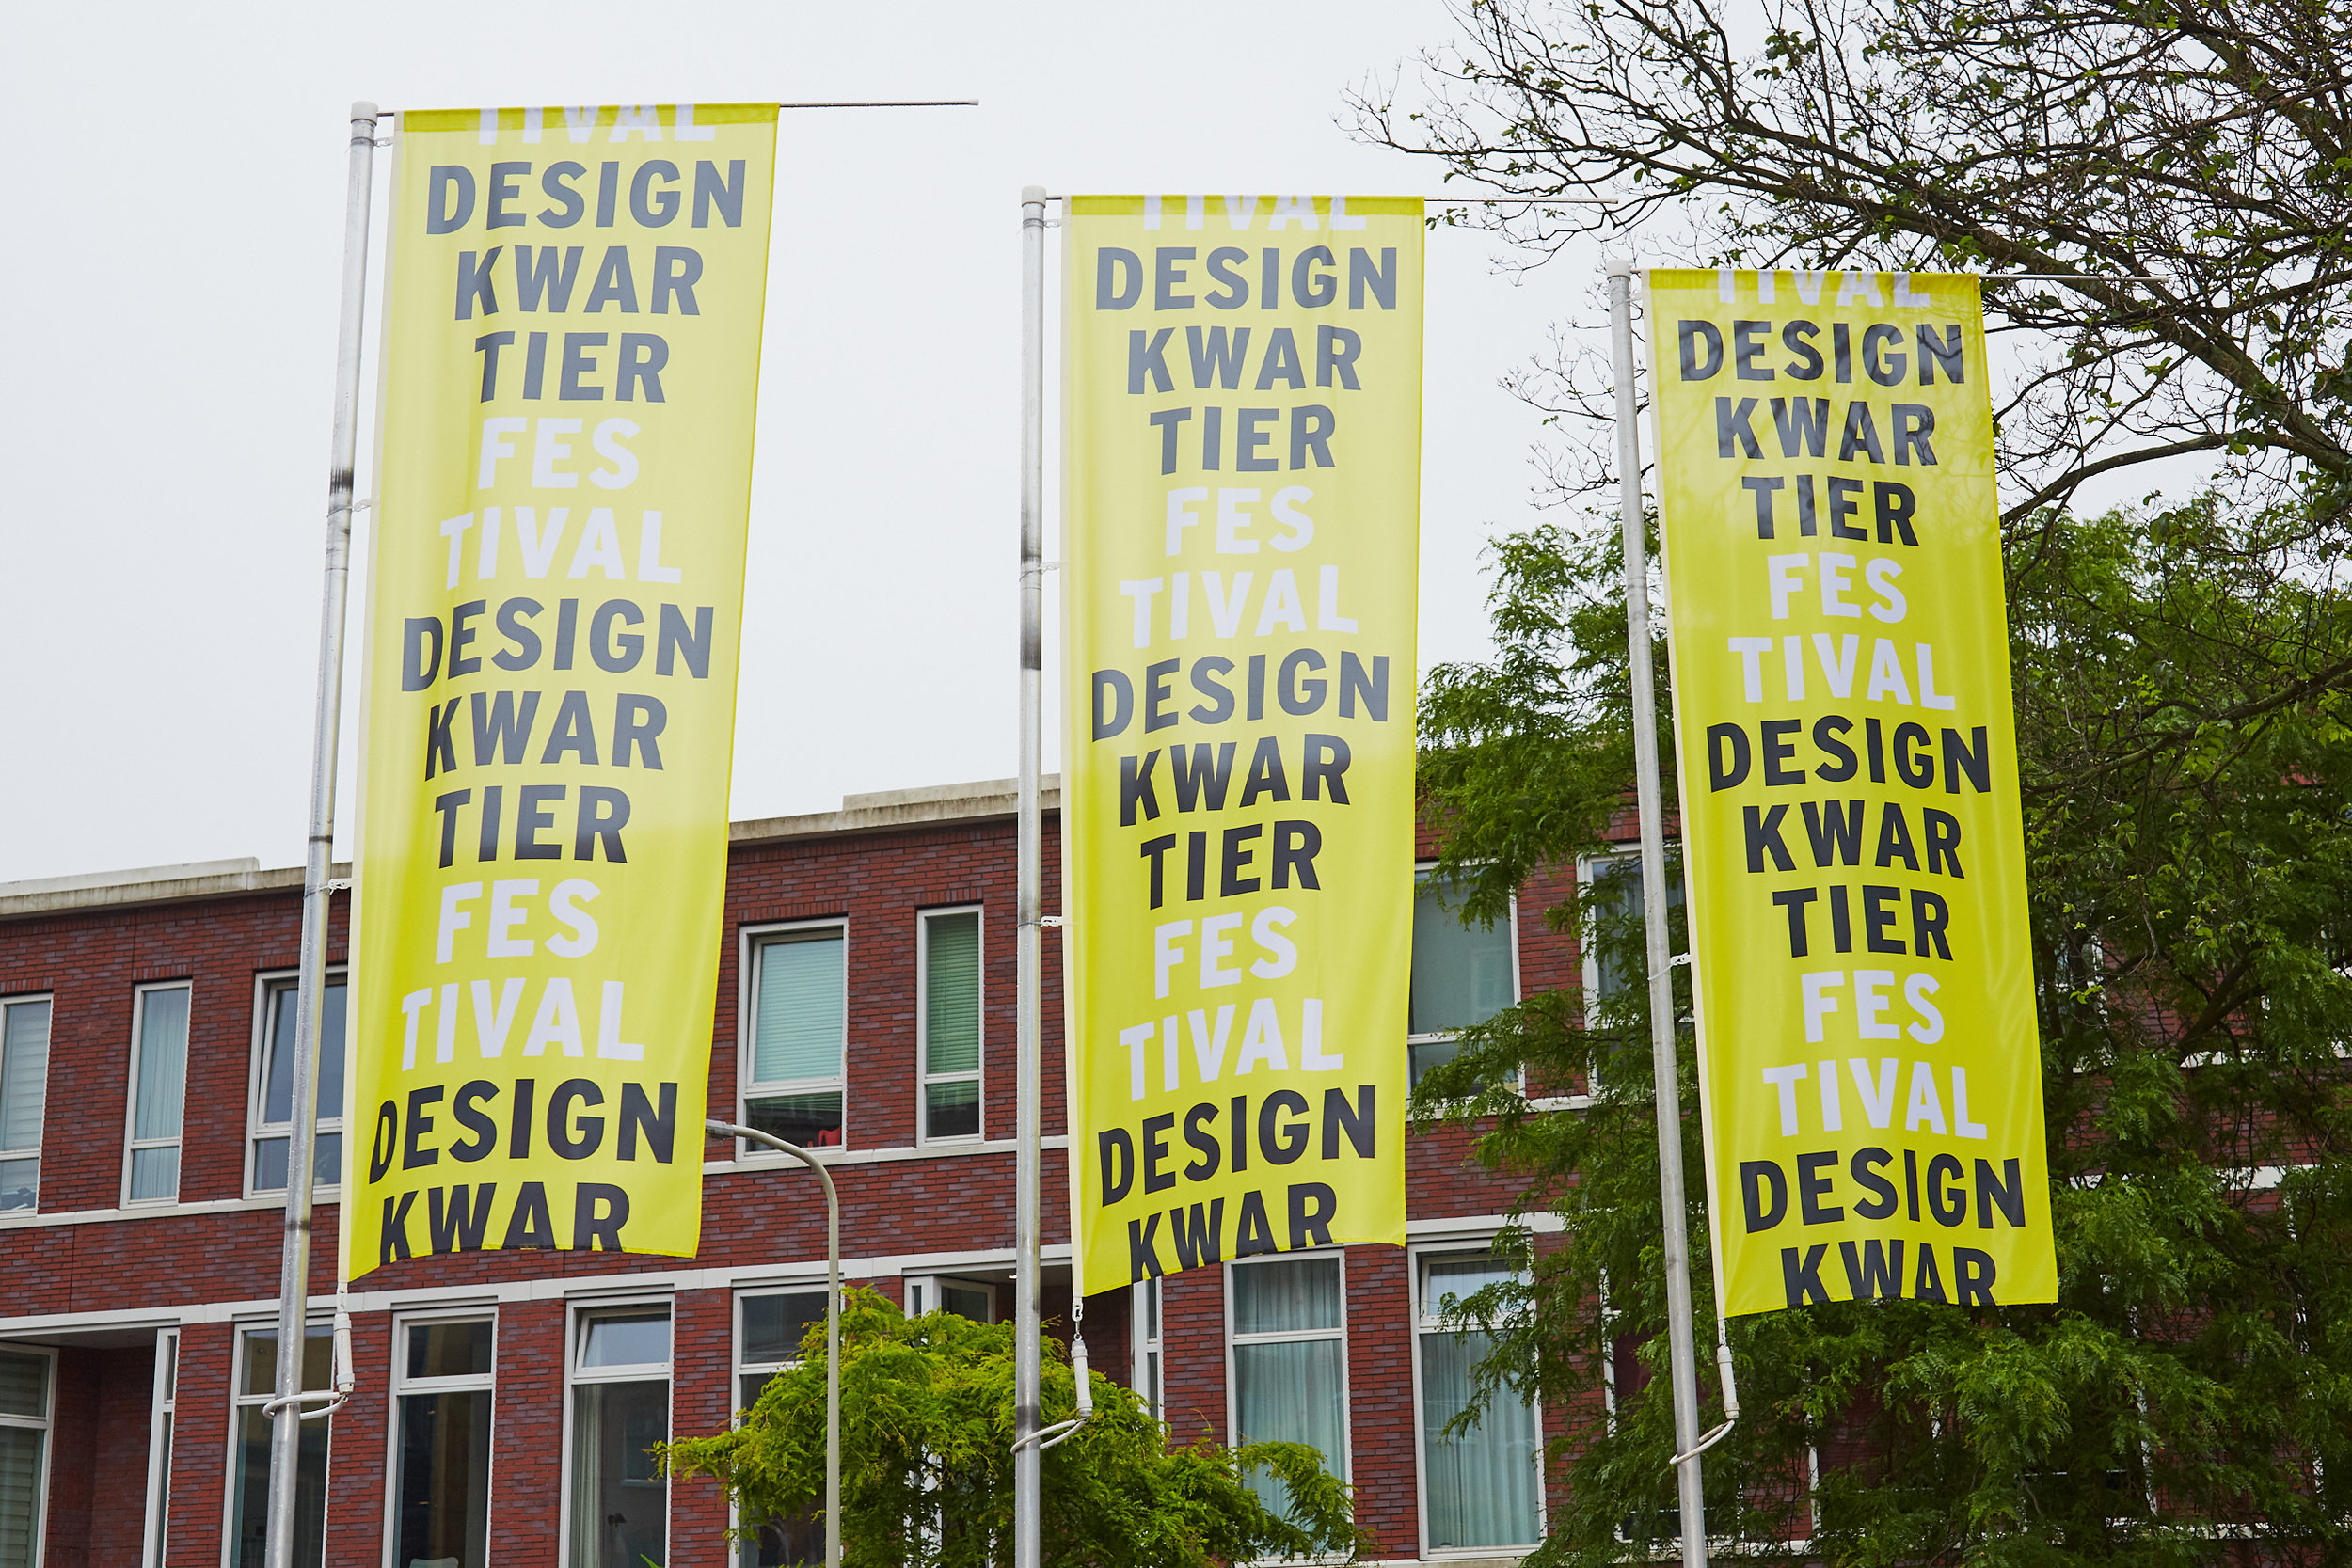 Designkwartier 2018_O8A7067©2018 Johan Nieuwenhuize.jpg